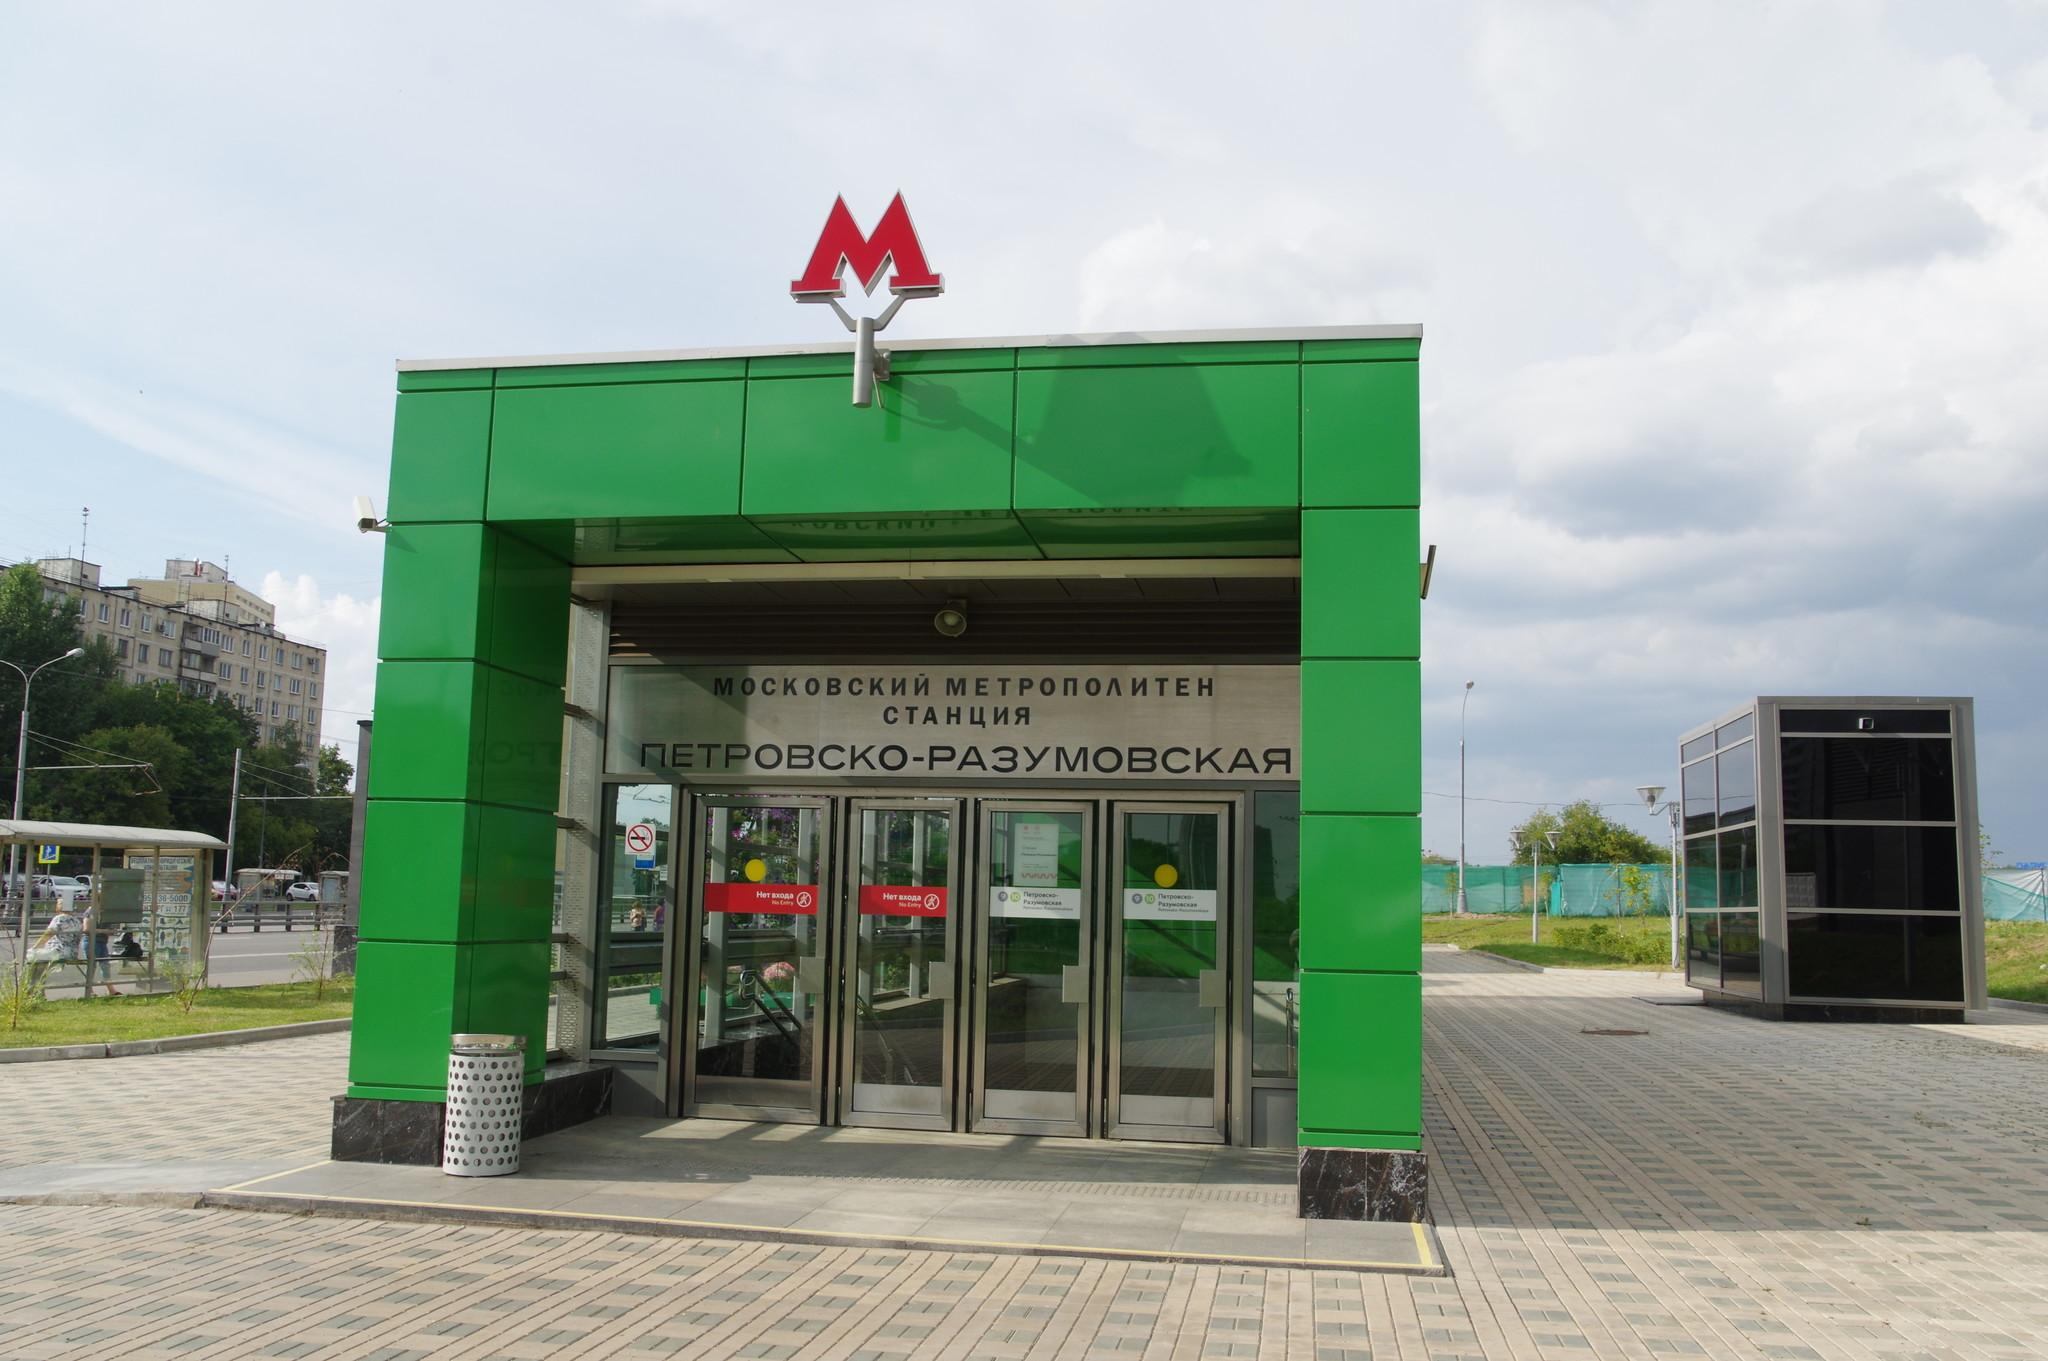 Станция «Петровско-Разумовская» Московского метрополитена